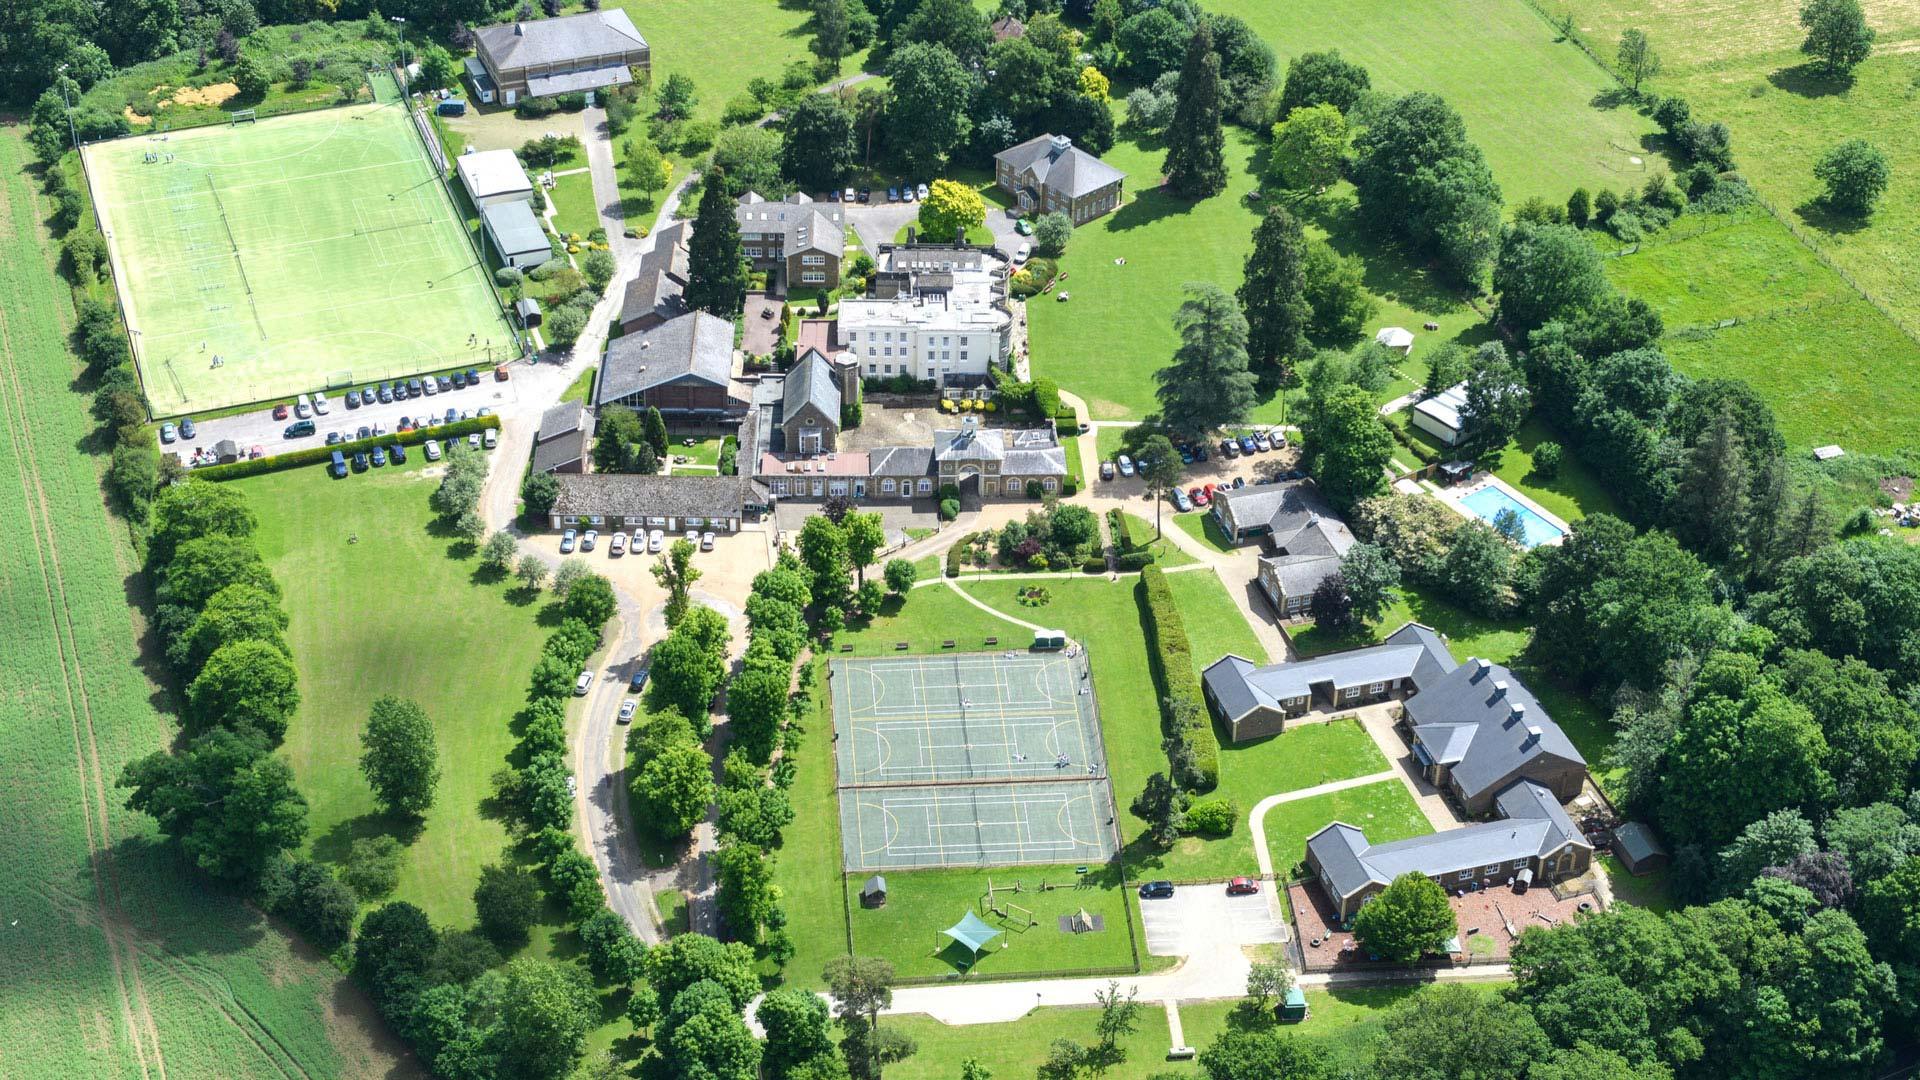 Boarding School for Girls - Farlington School